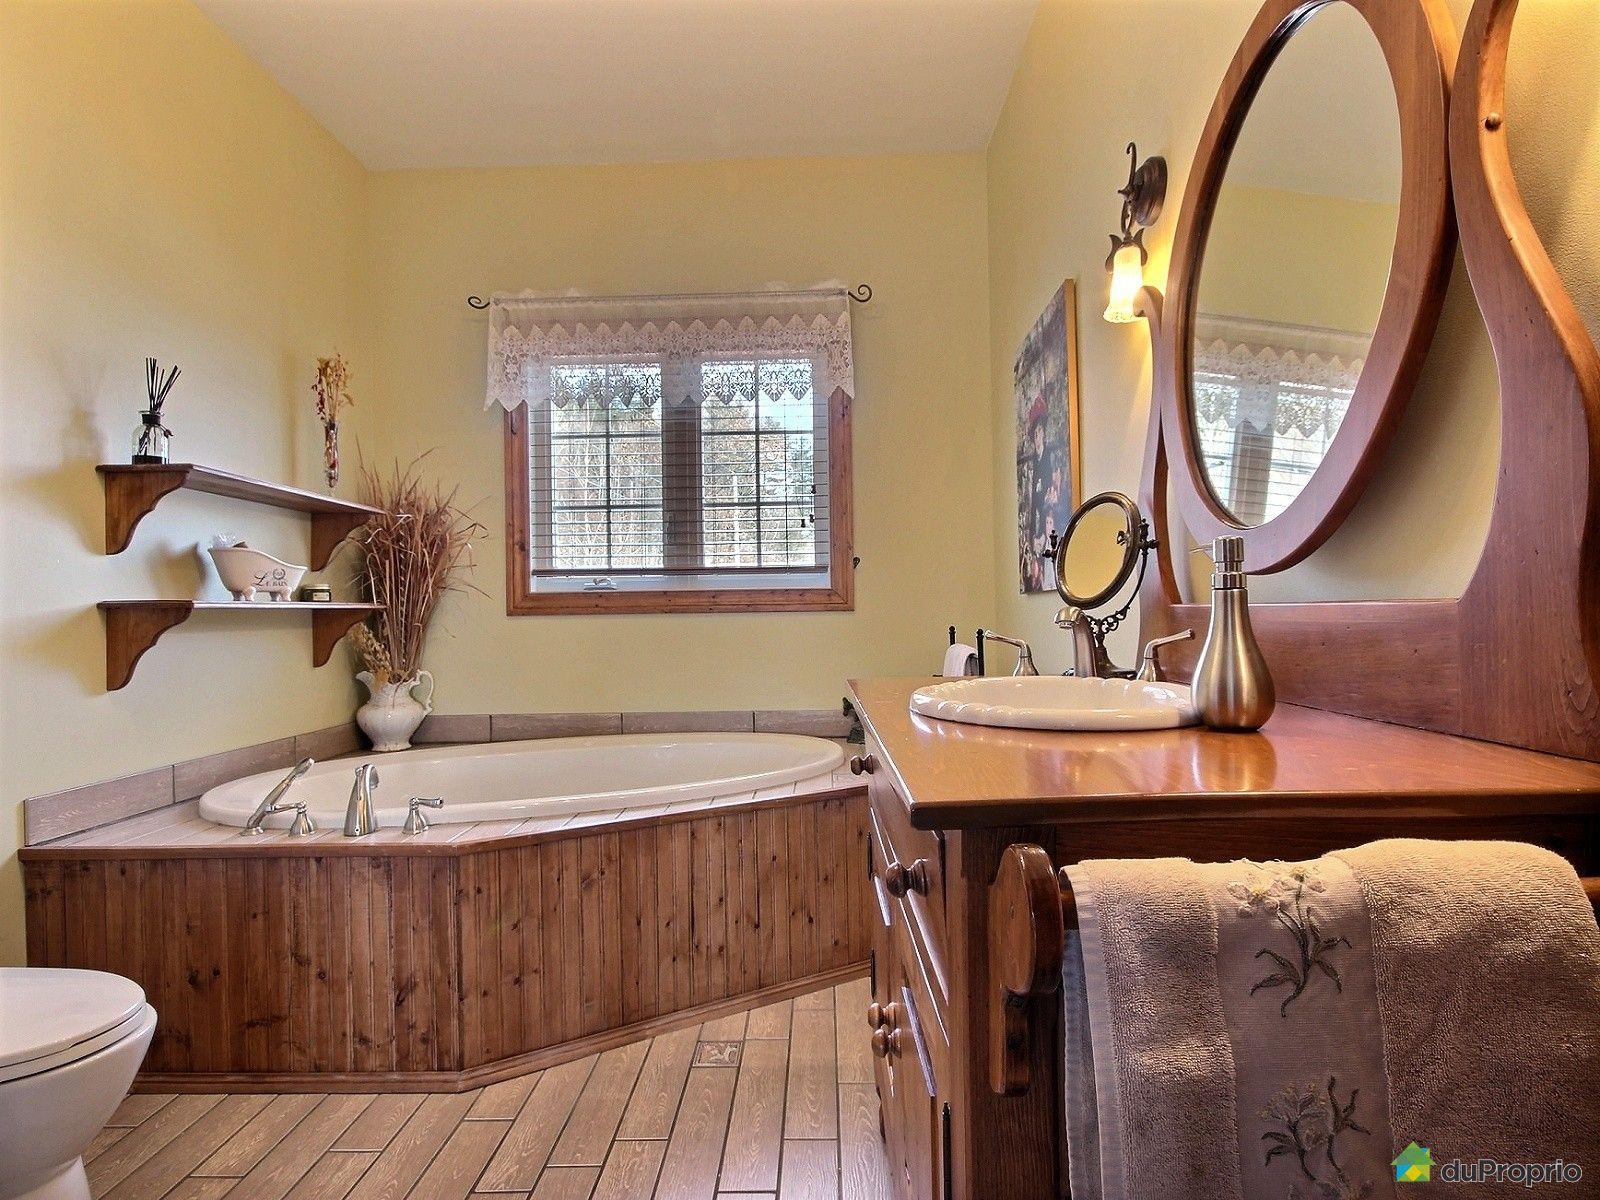 Bungalow sur lev vendre val des bois 143 chemin - Echelle salle de bain en bois ...